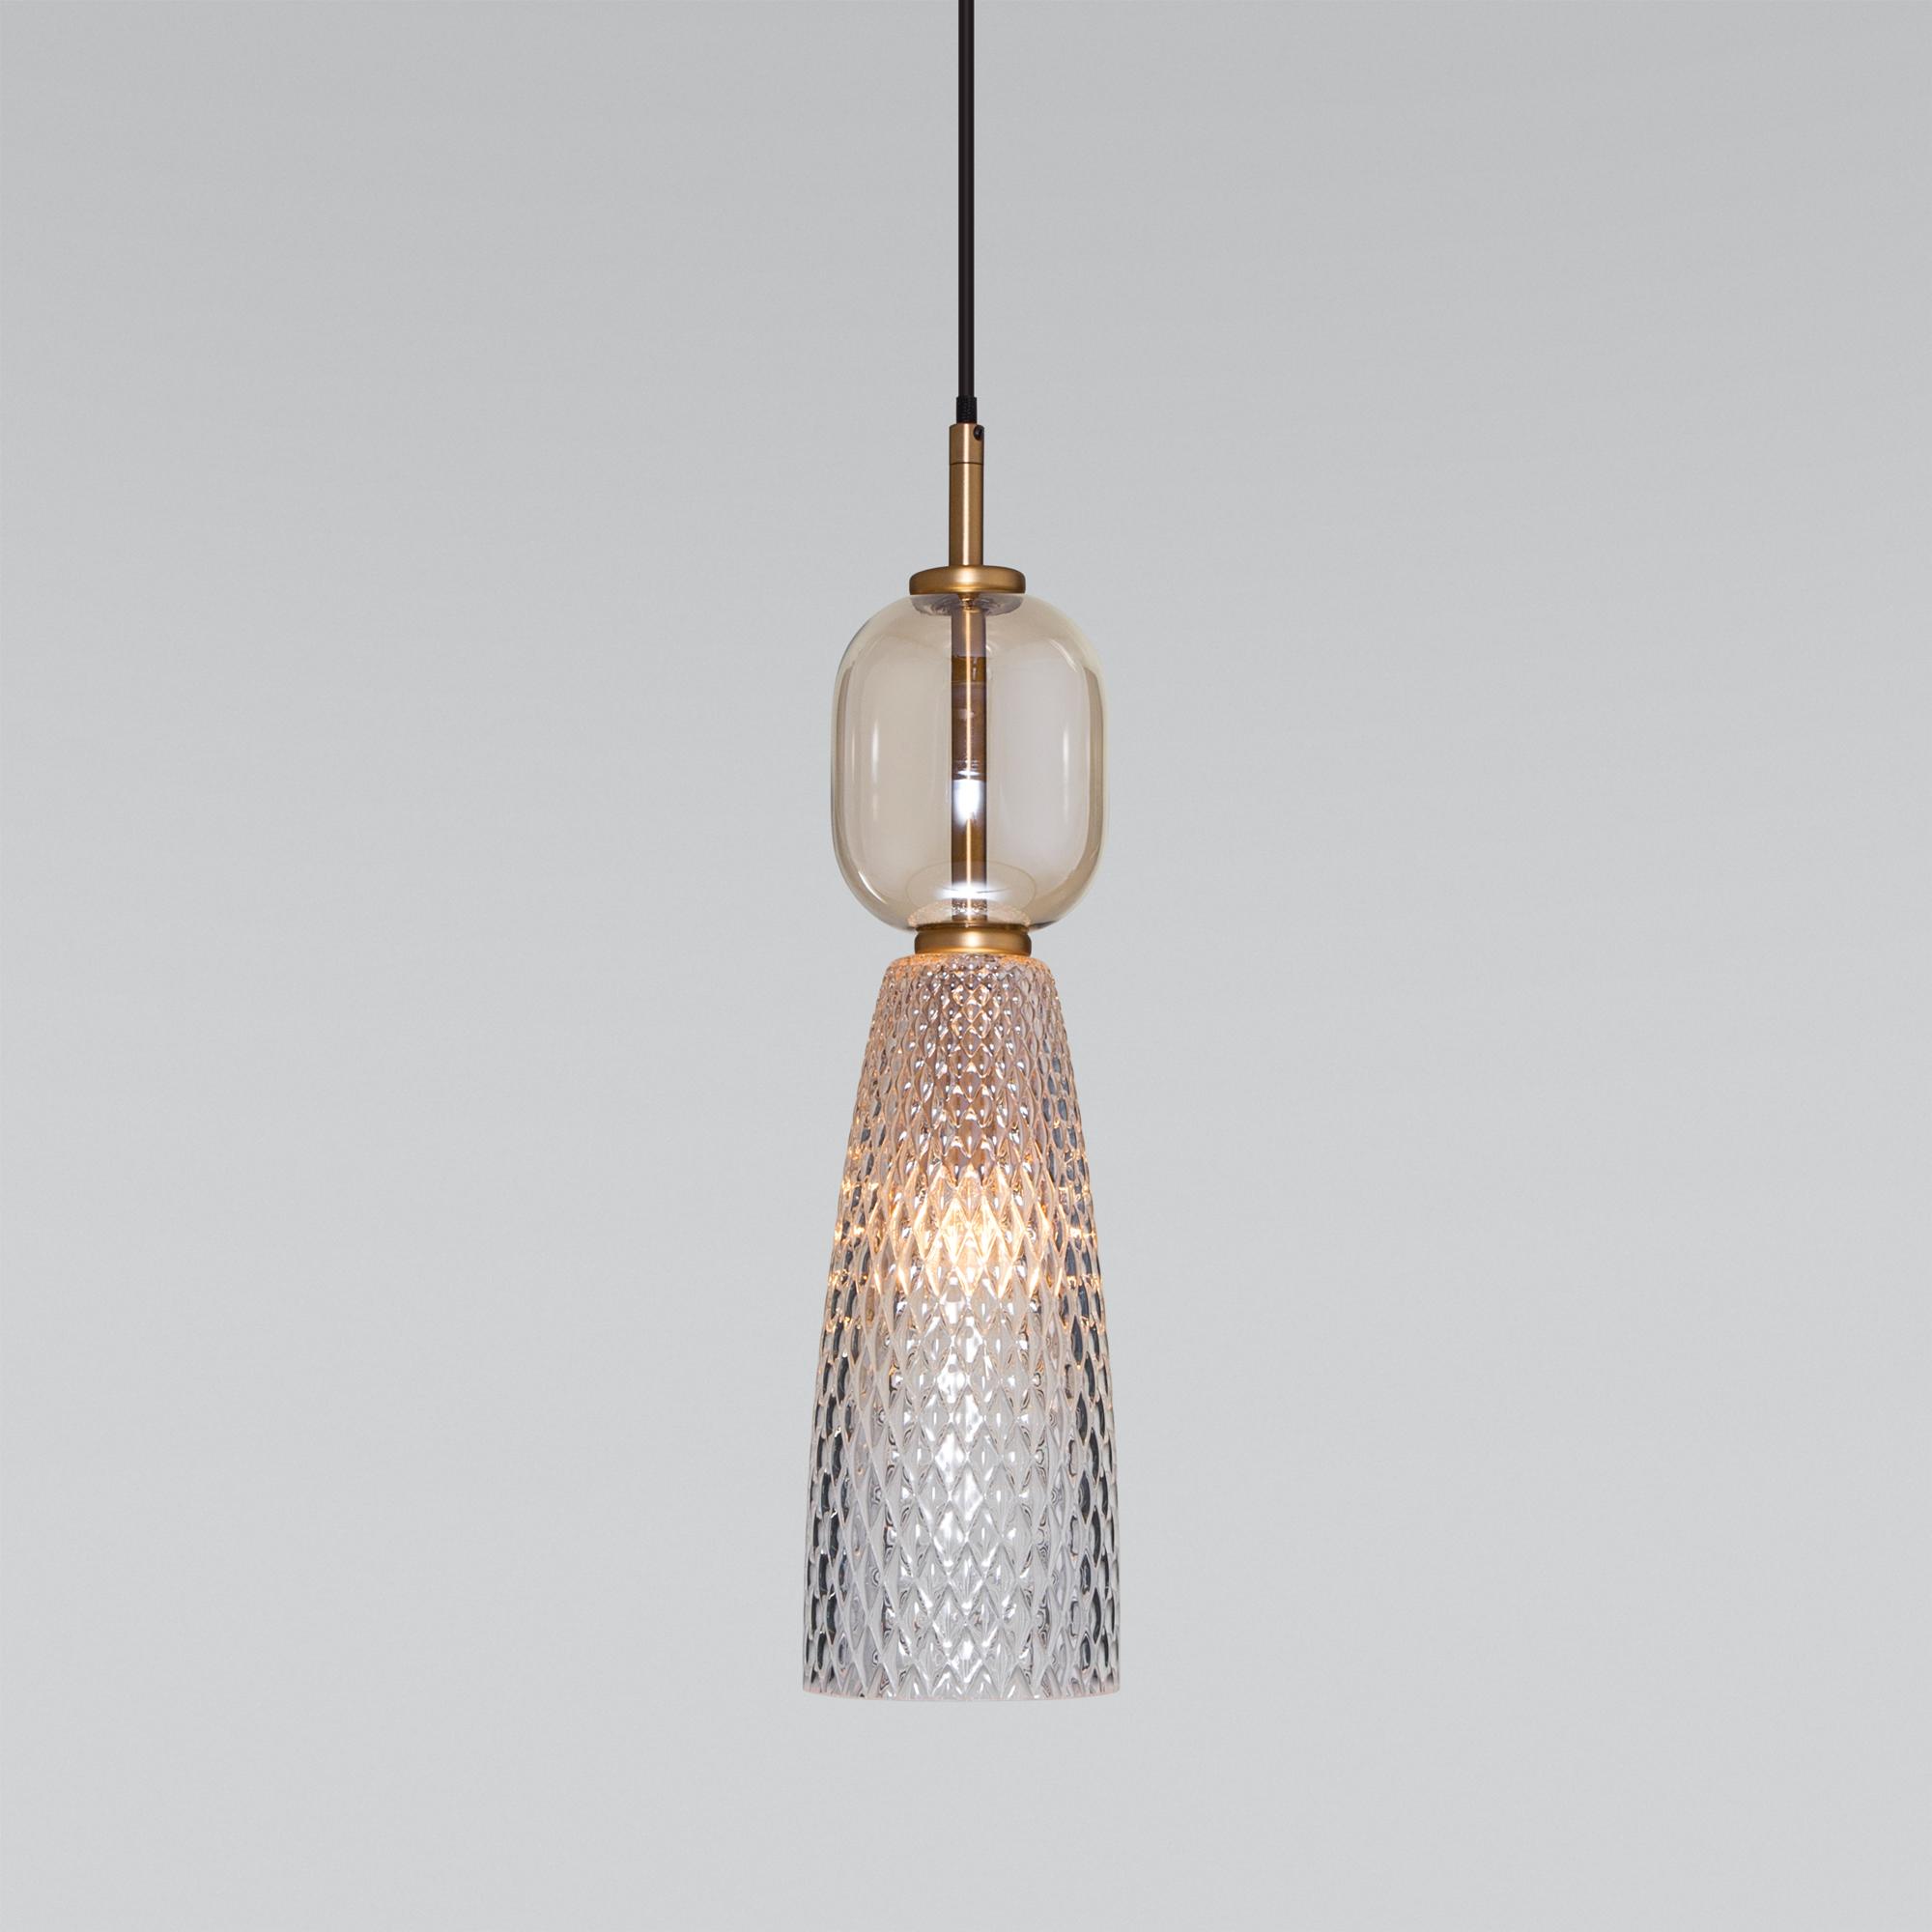 Подвесной светильник со стеклянным плафоном 50211/1 янтарный